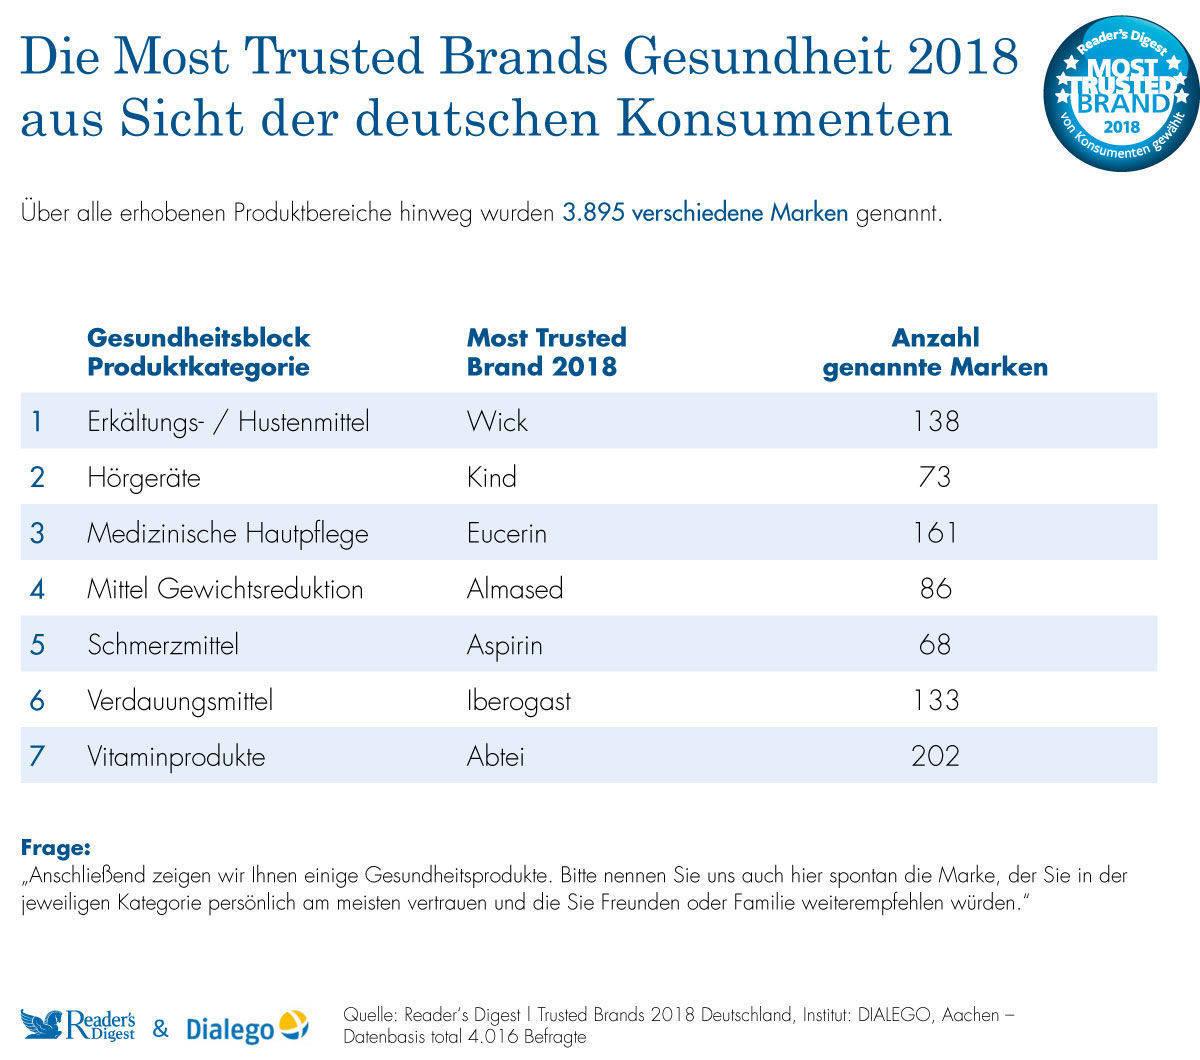 Edeka überholt Rewe als vertrauenswürdigste Marke | W&V